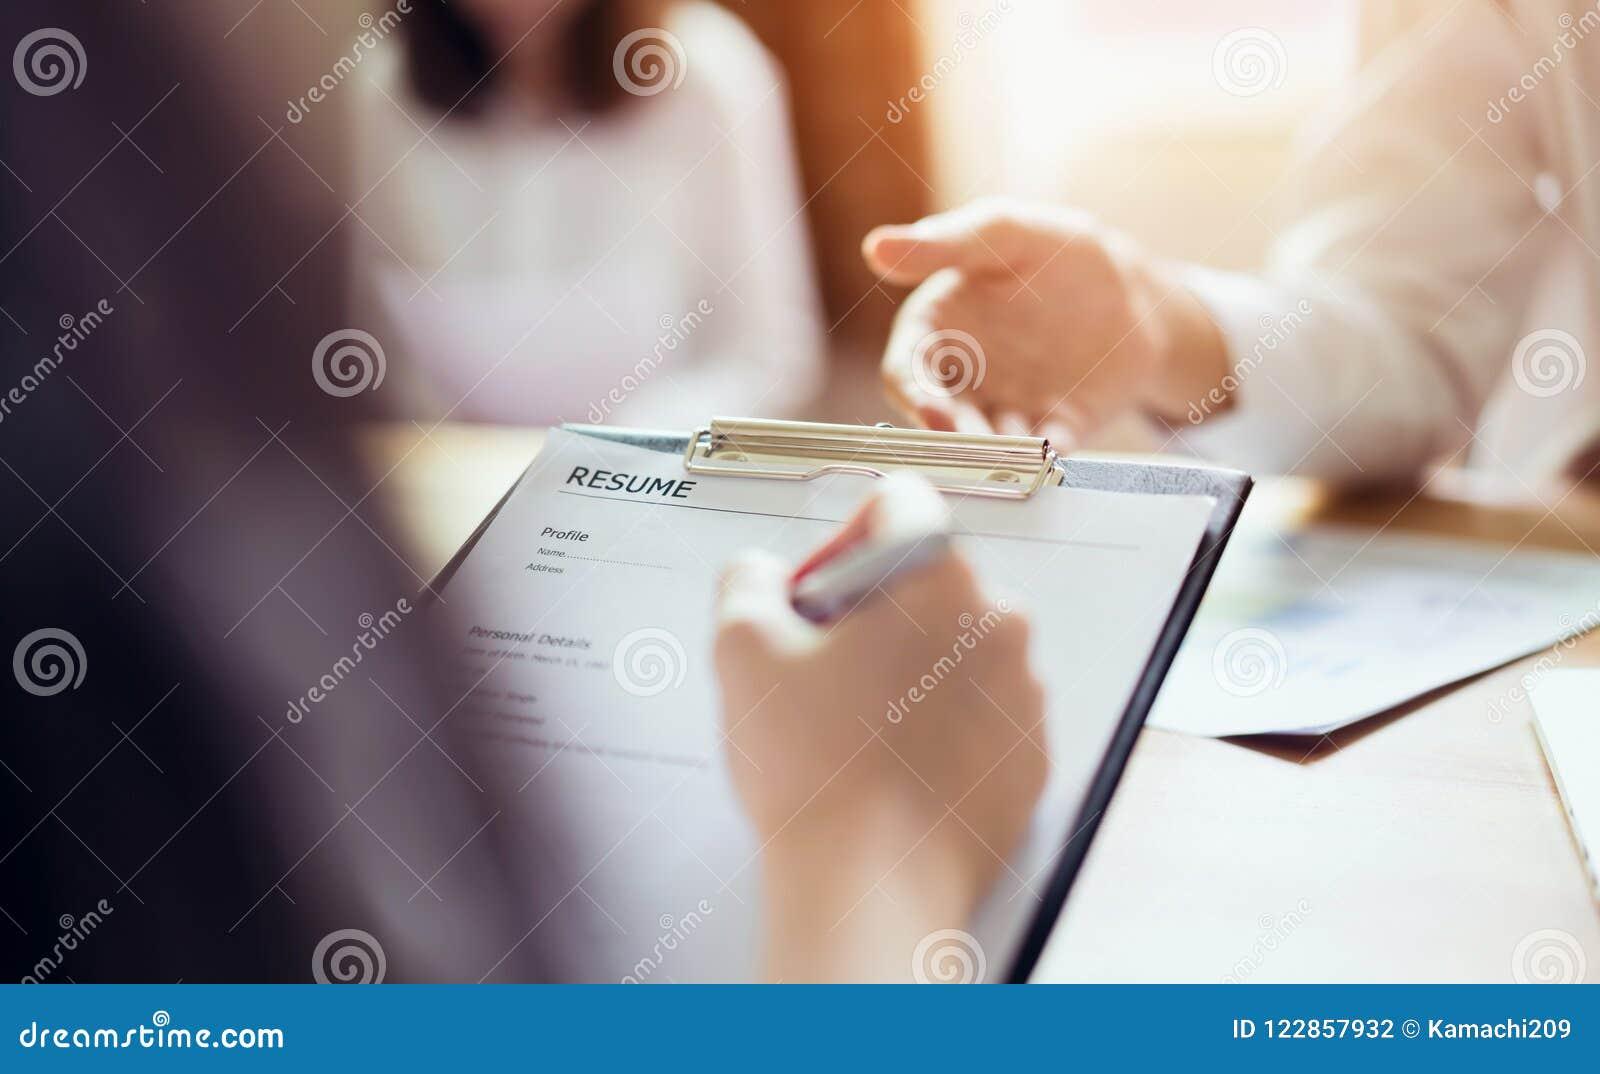 Młoda kobieta przedkłada życiorys pracodawca przeglądać akcydensowego zastosowanie